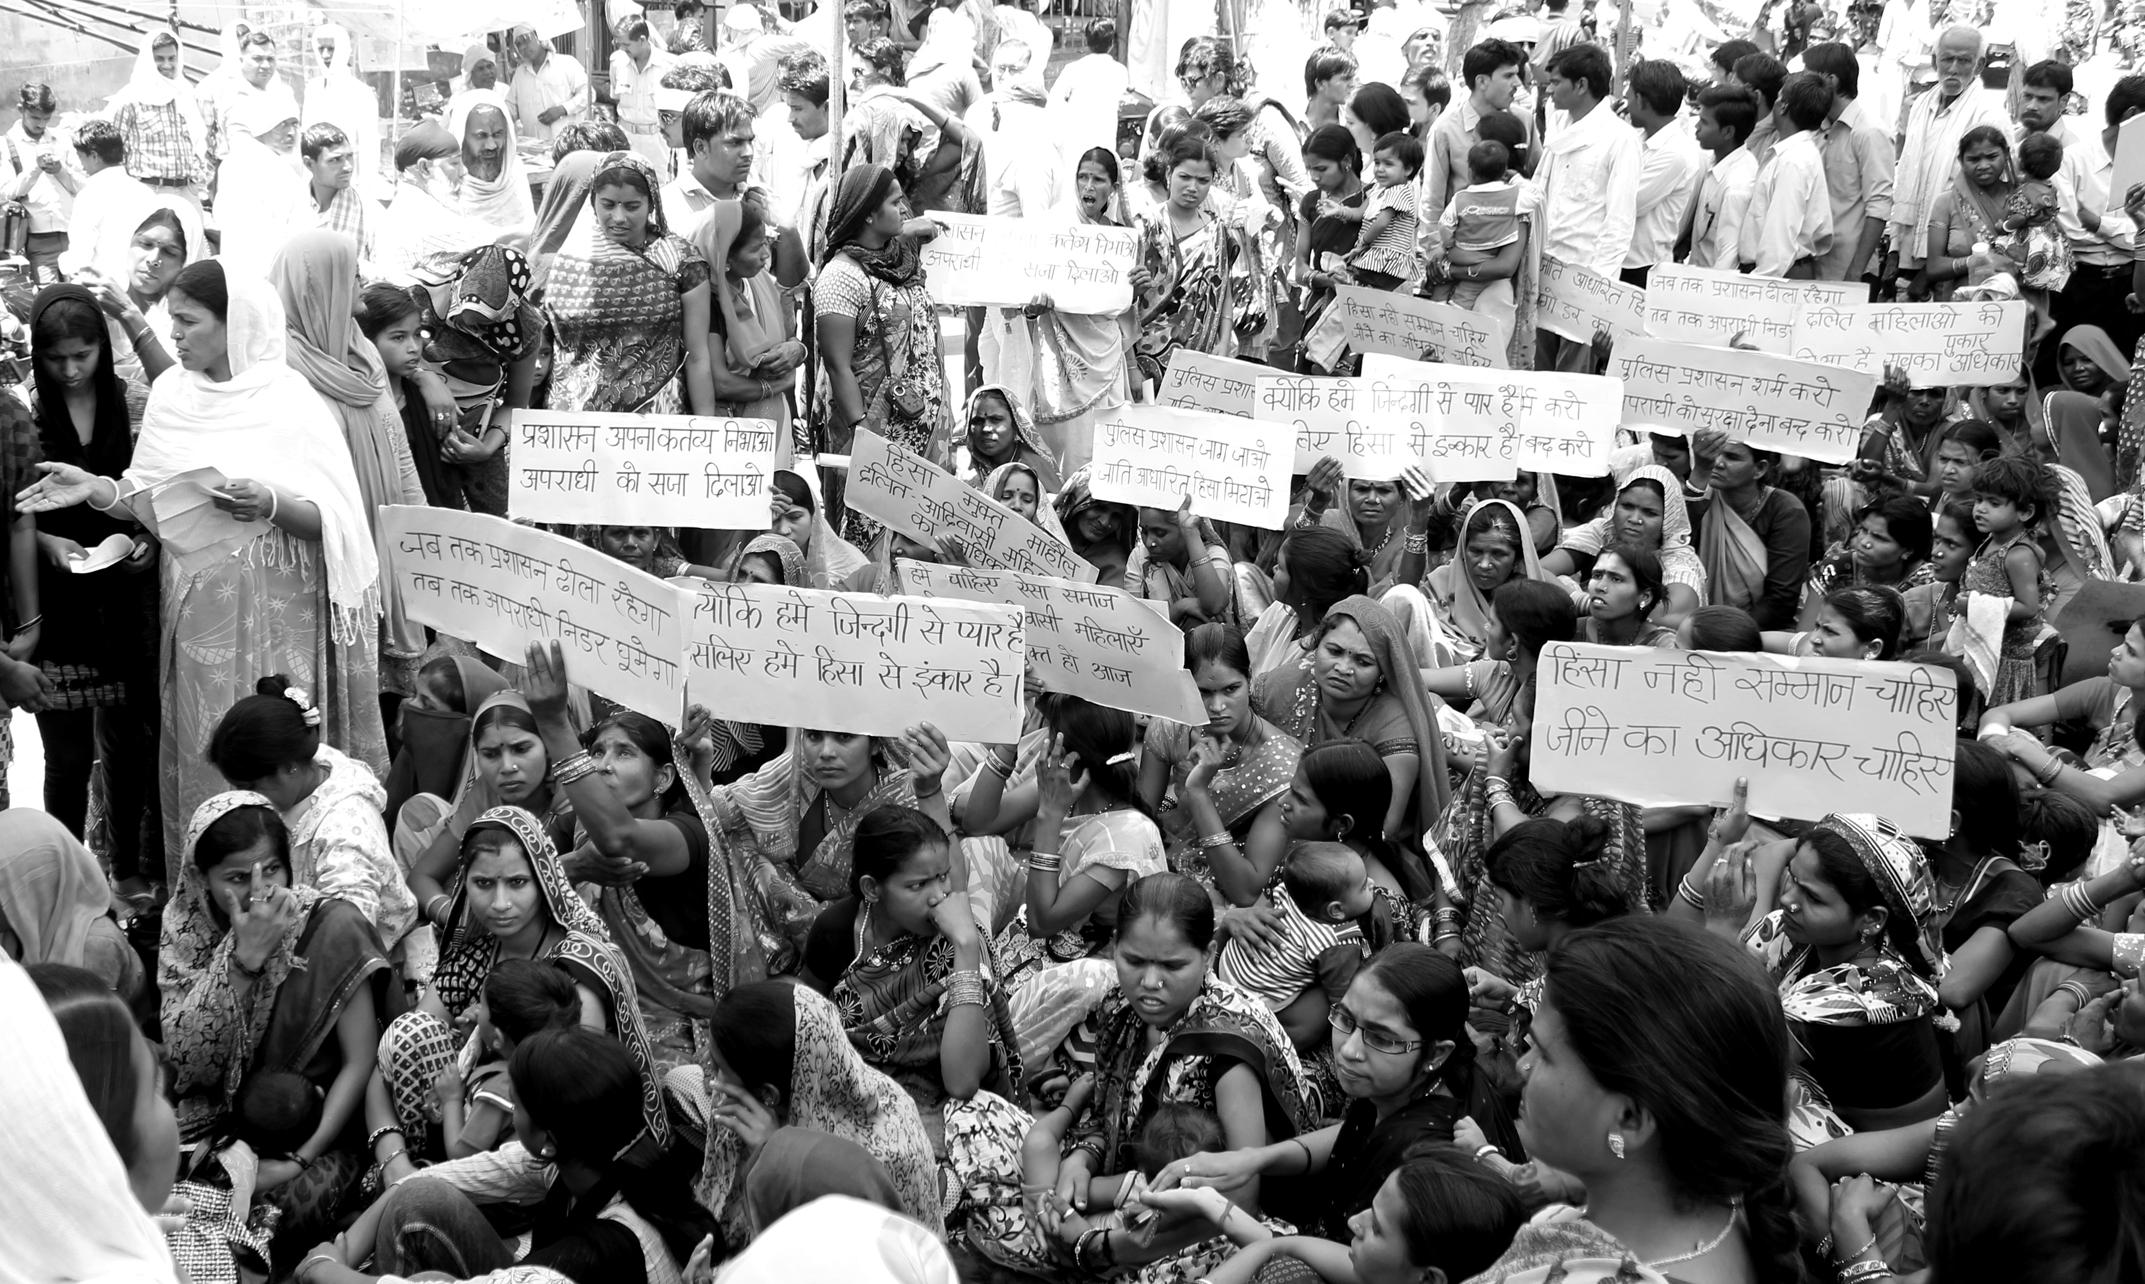 Kshetriya - Lalitpur Protest